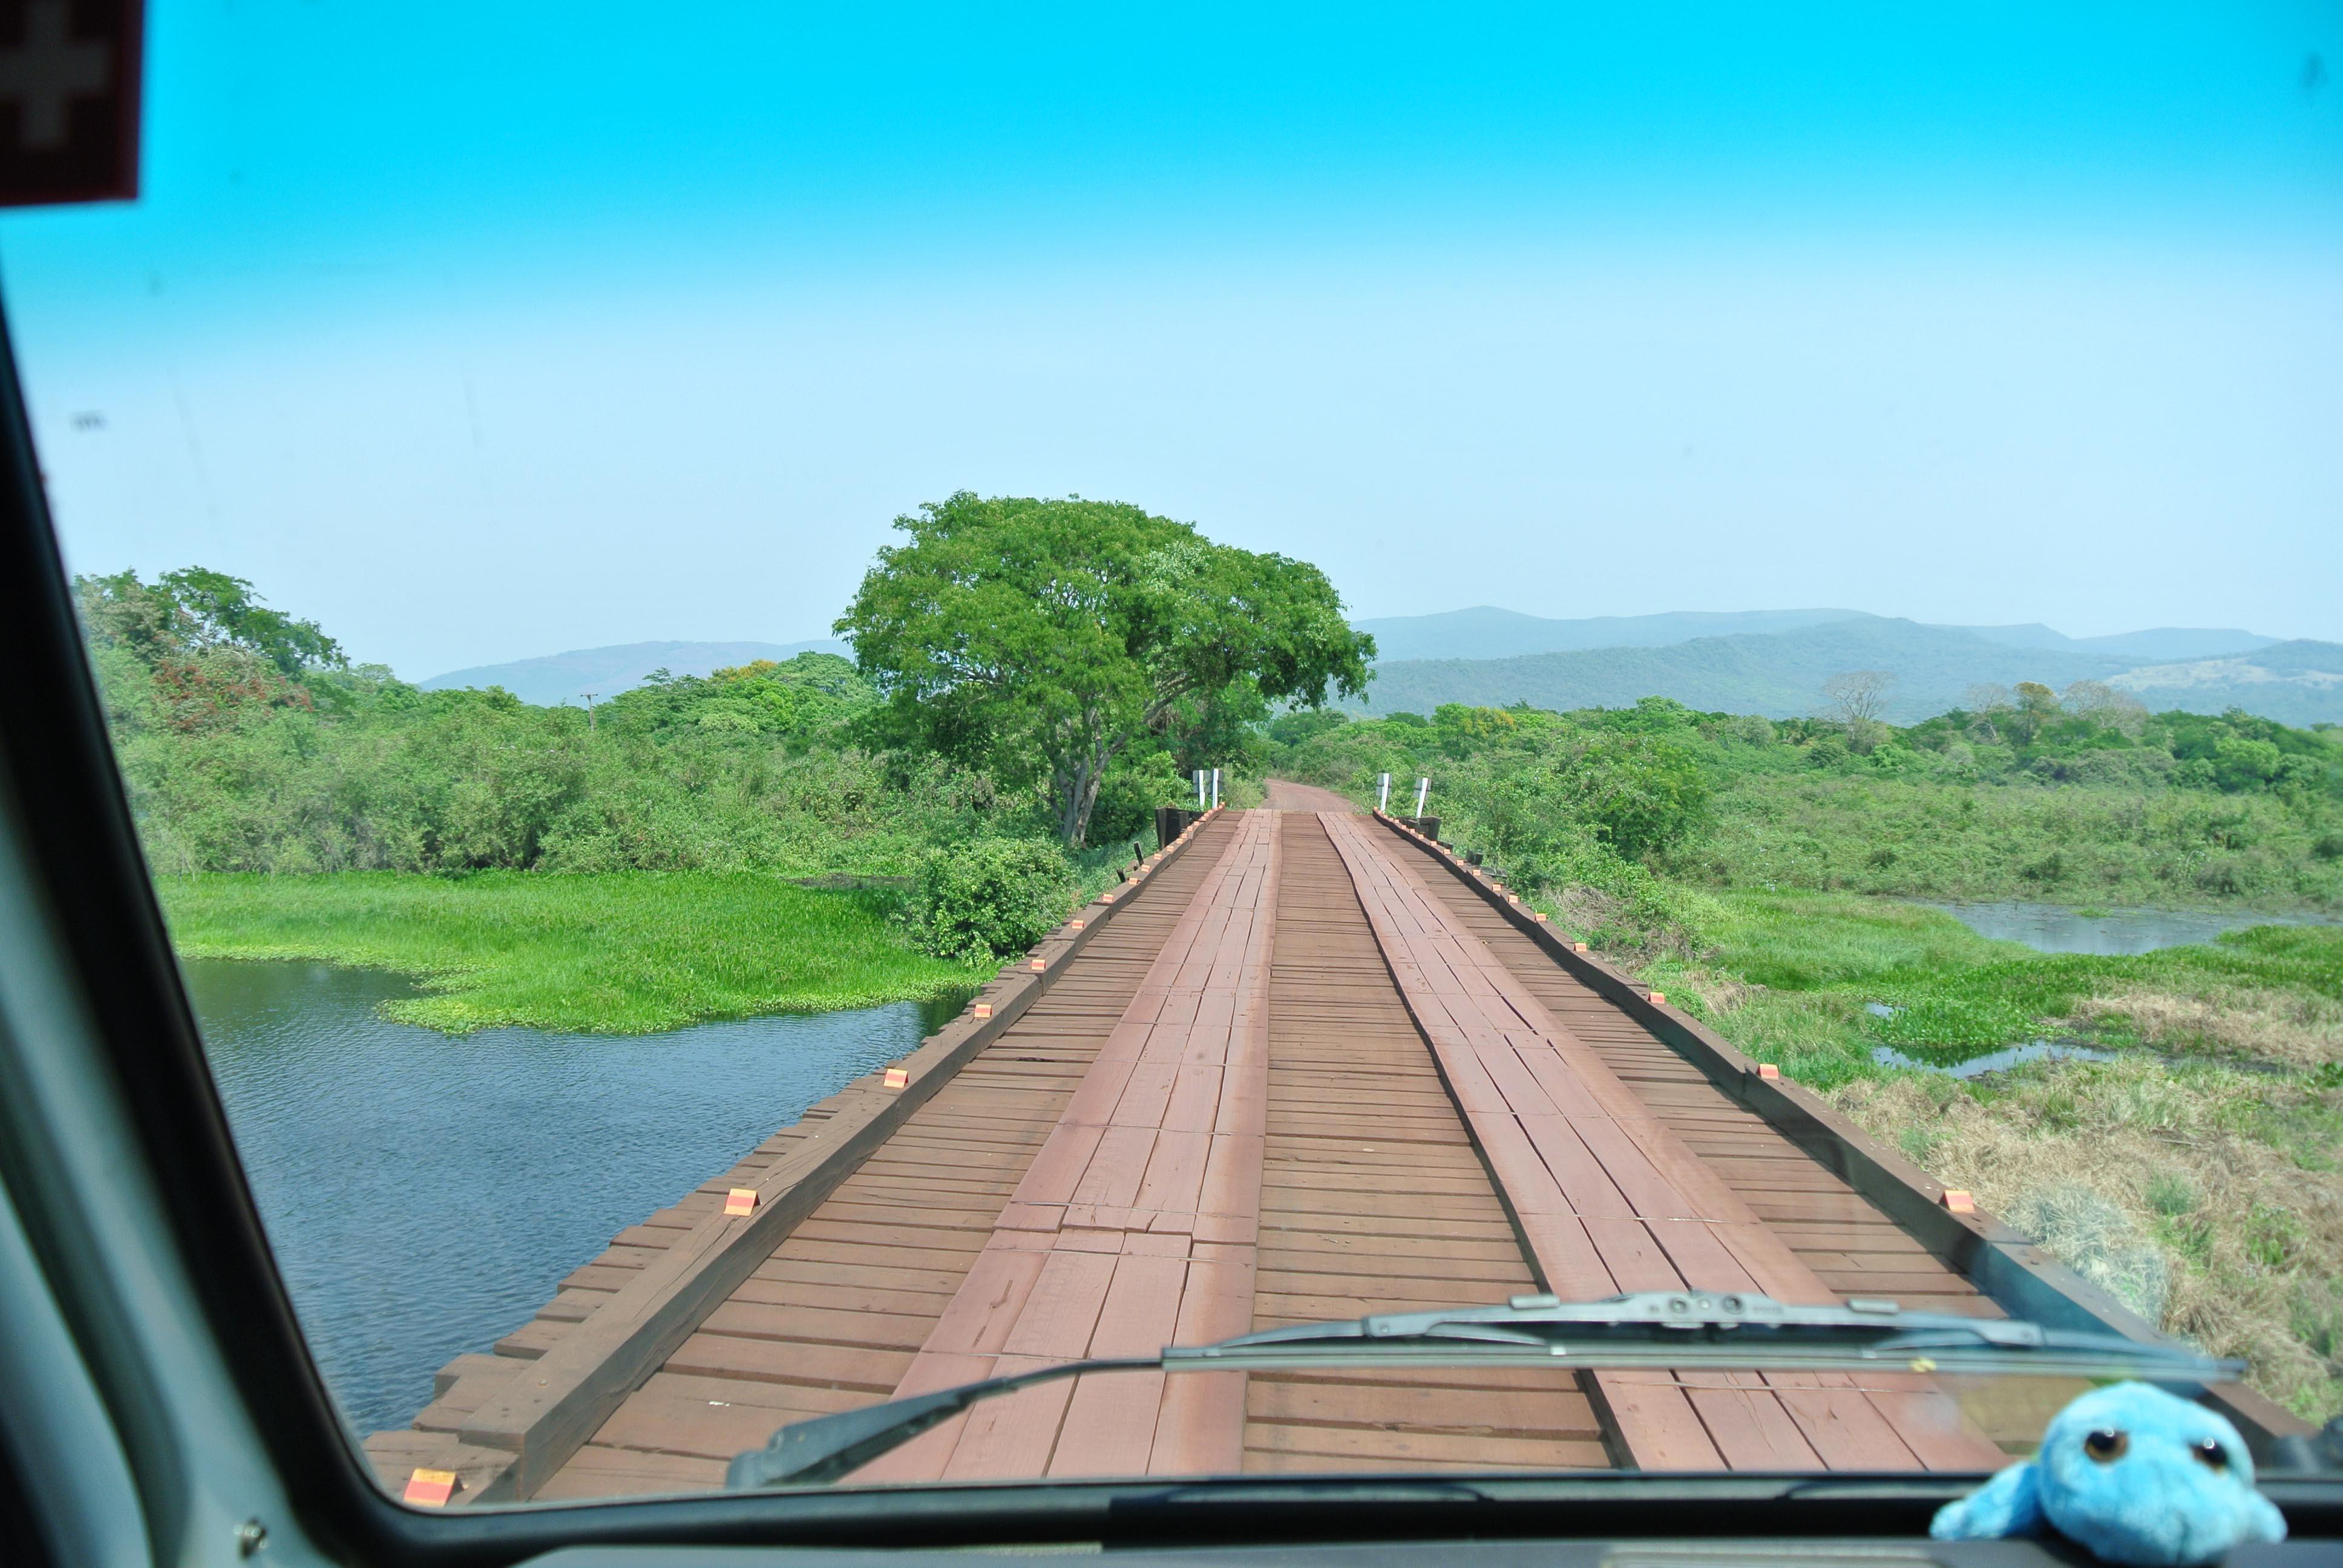 039 2409 Pantanal - Passo do Lontra - Corumba 79JPG